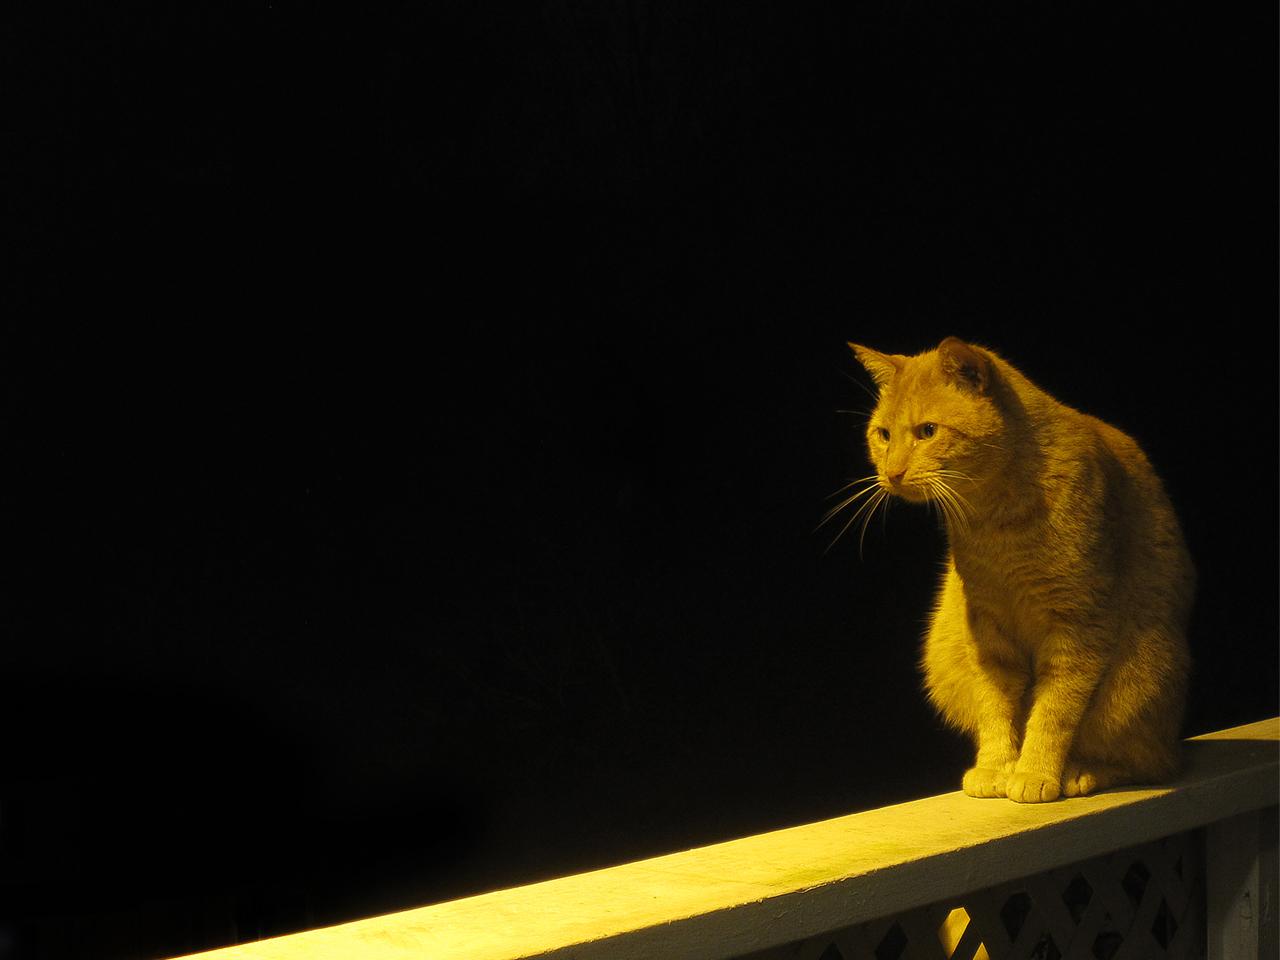 rta filmworks photo cat night